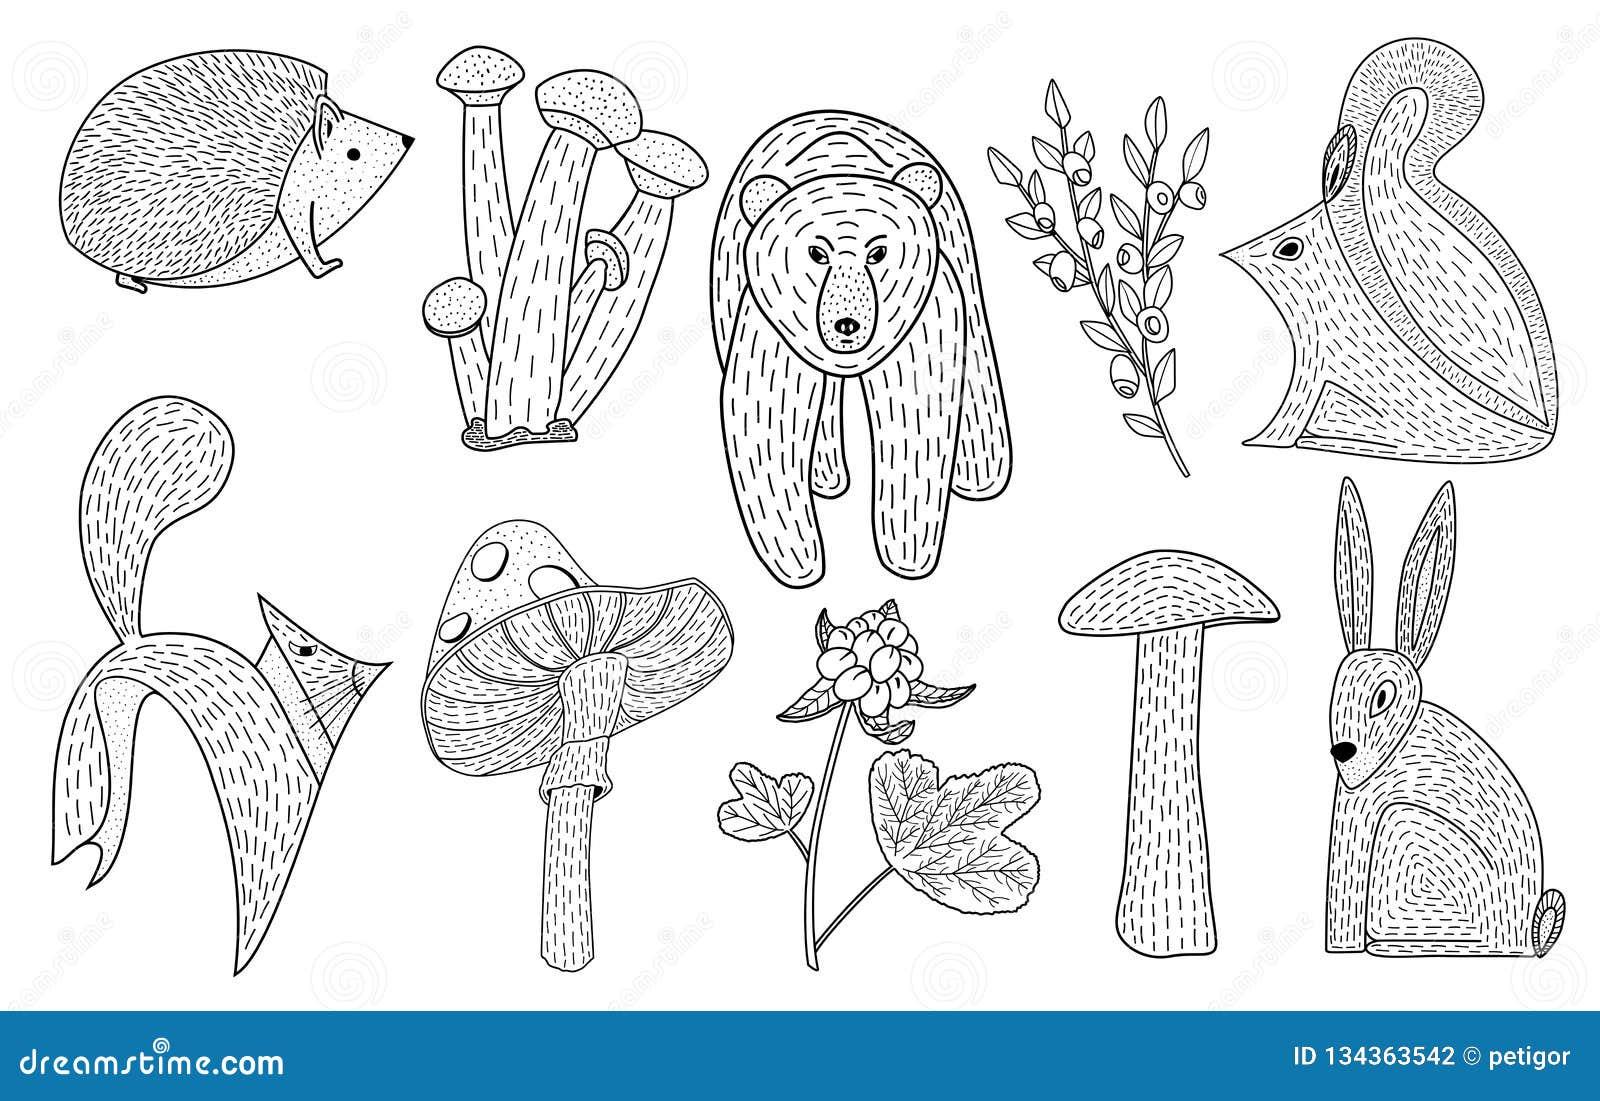 Wektorowa ilustracja śliczna ręka rysujący lasów zwierzęta, mushroo